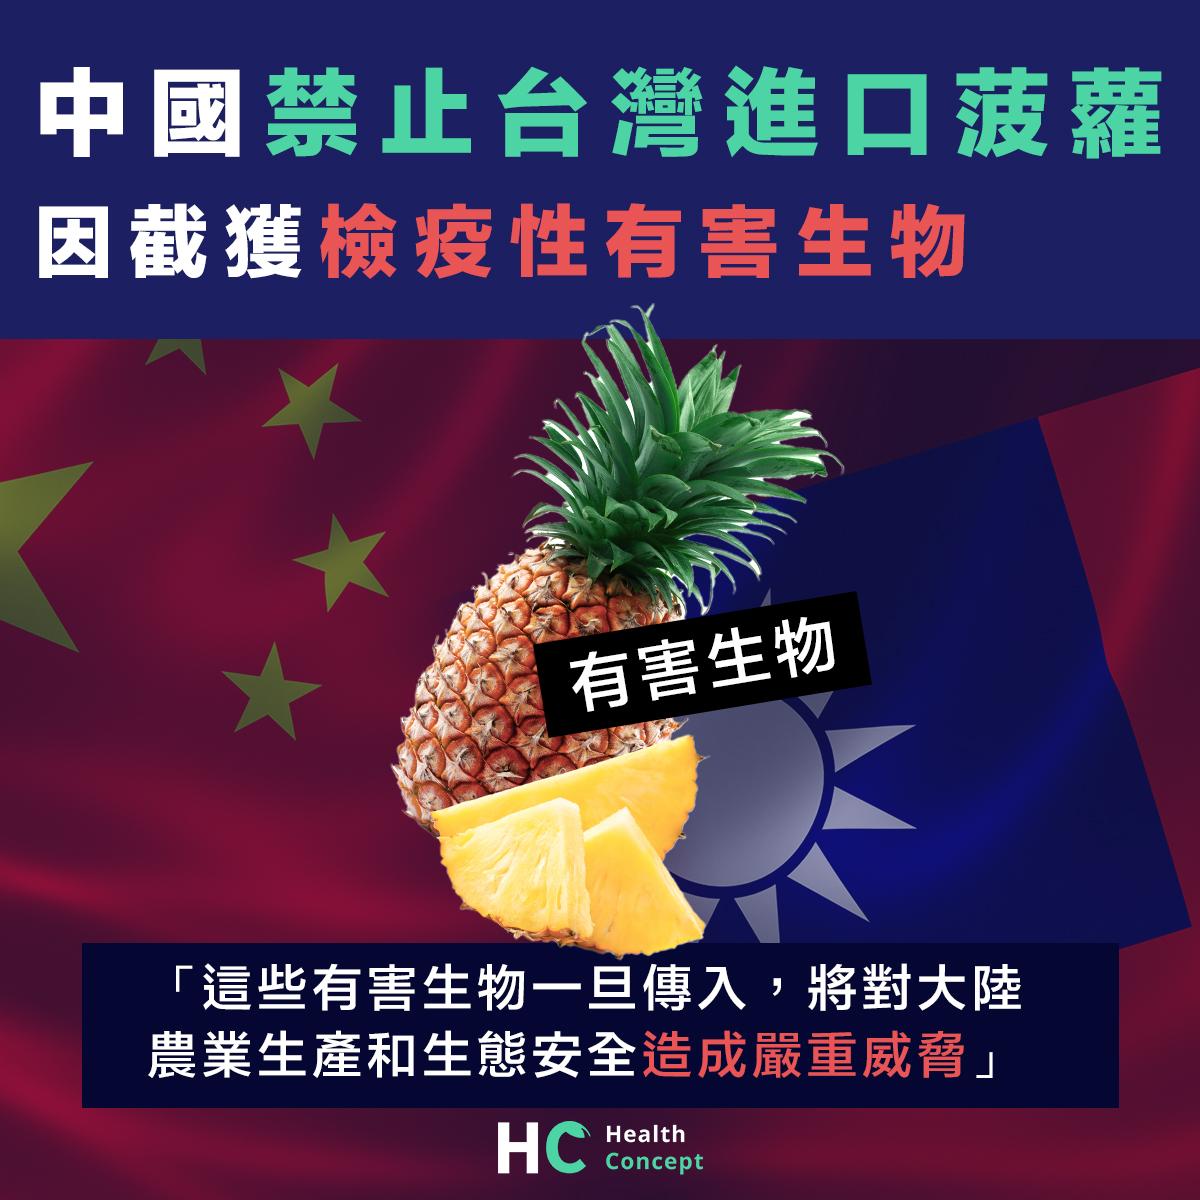 中國禁止台灣進口菠蘿  以免威脅中國生態安全